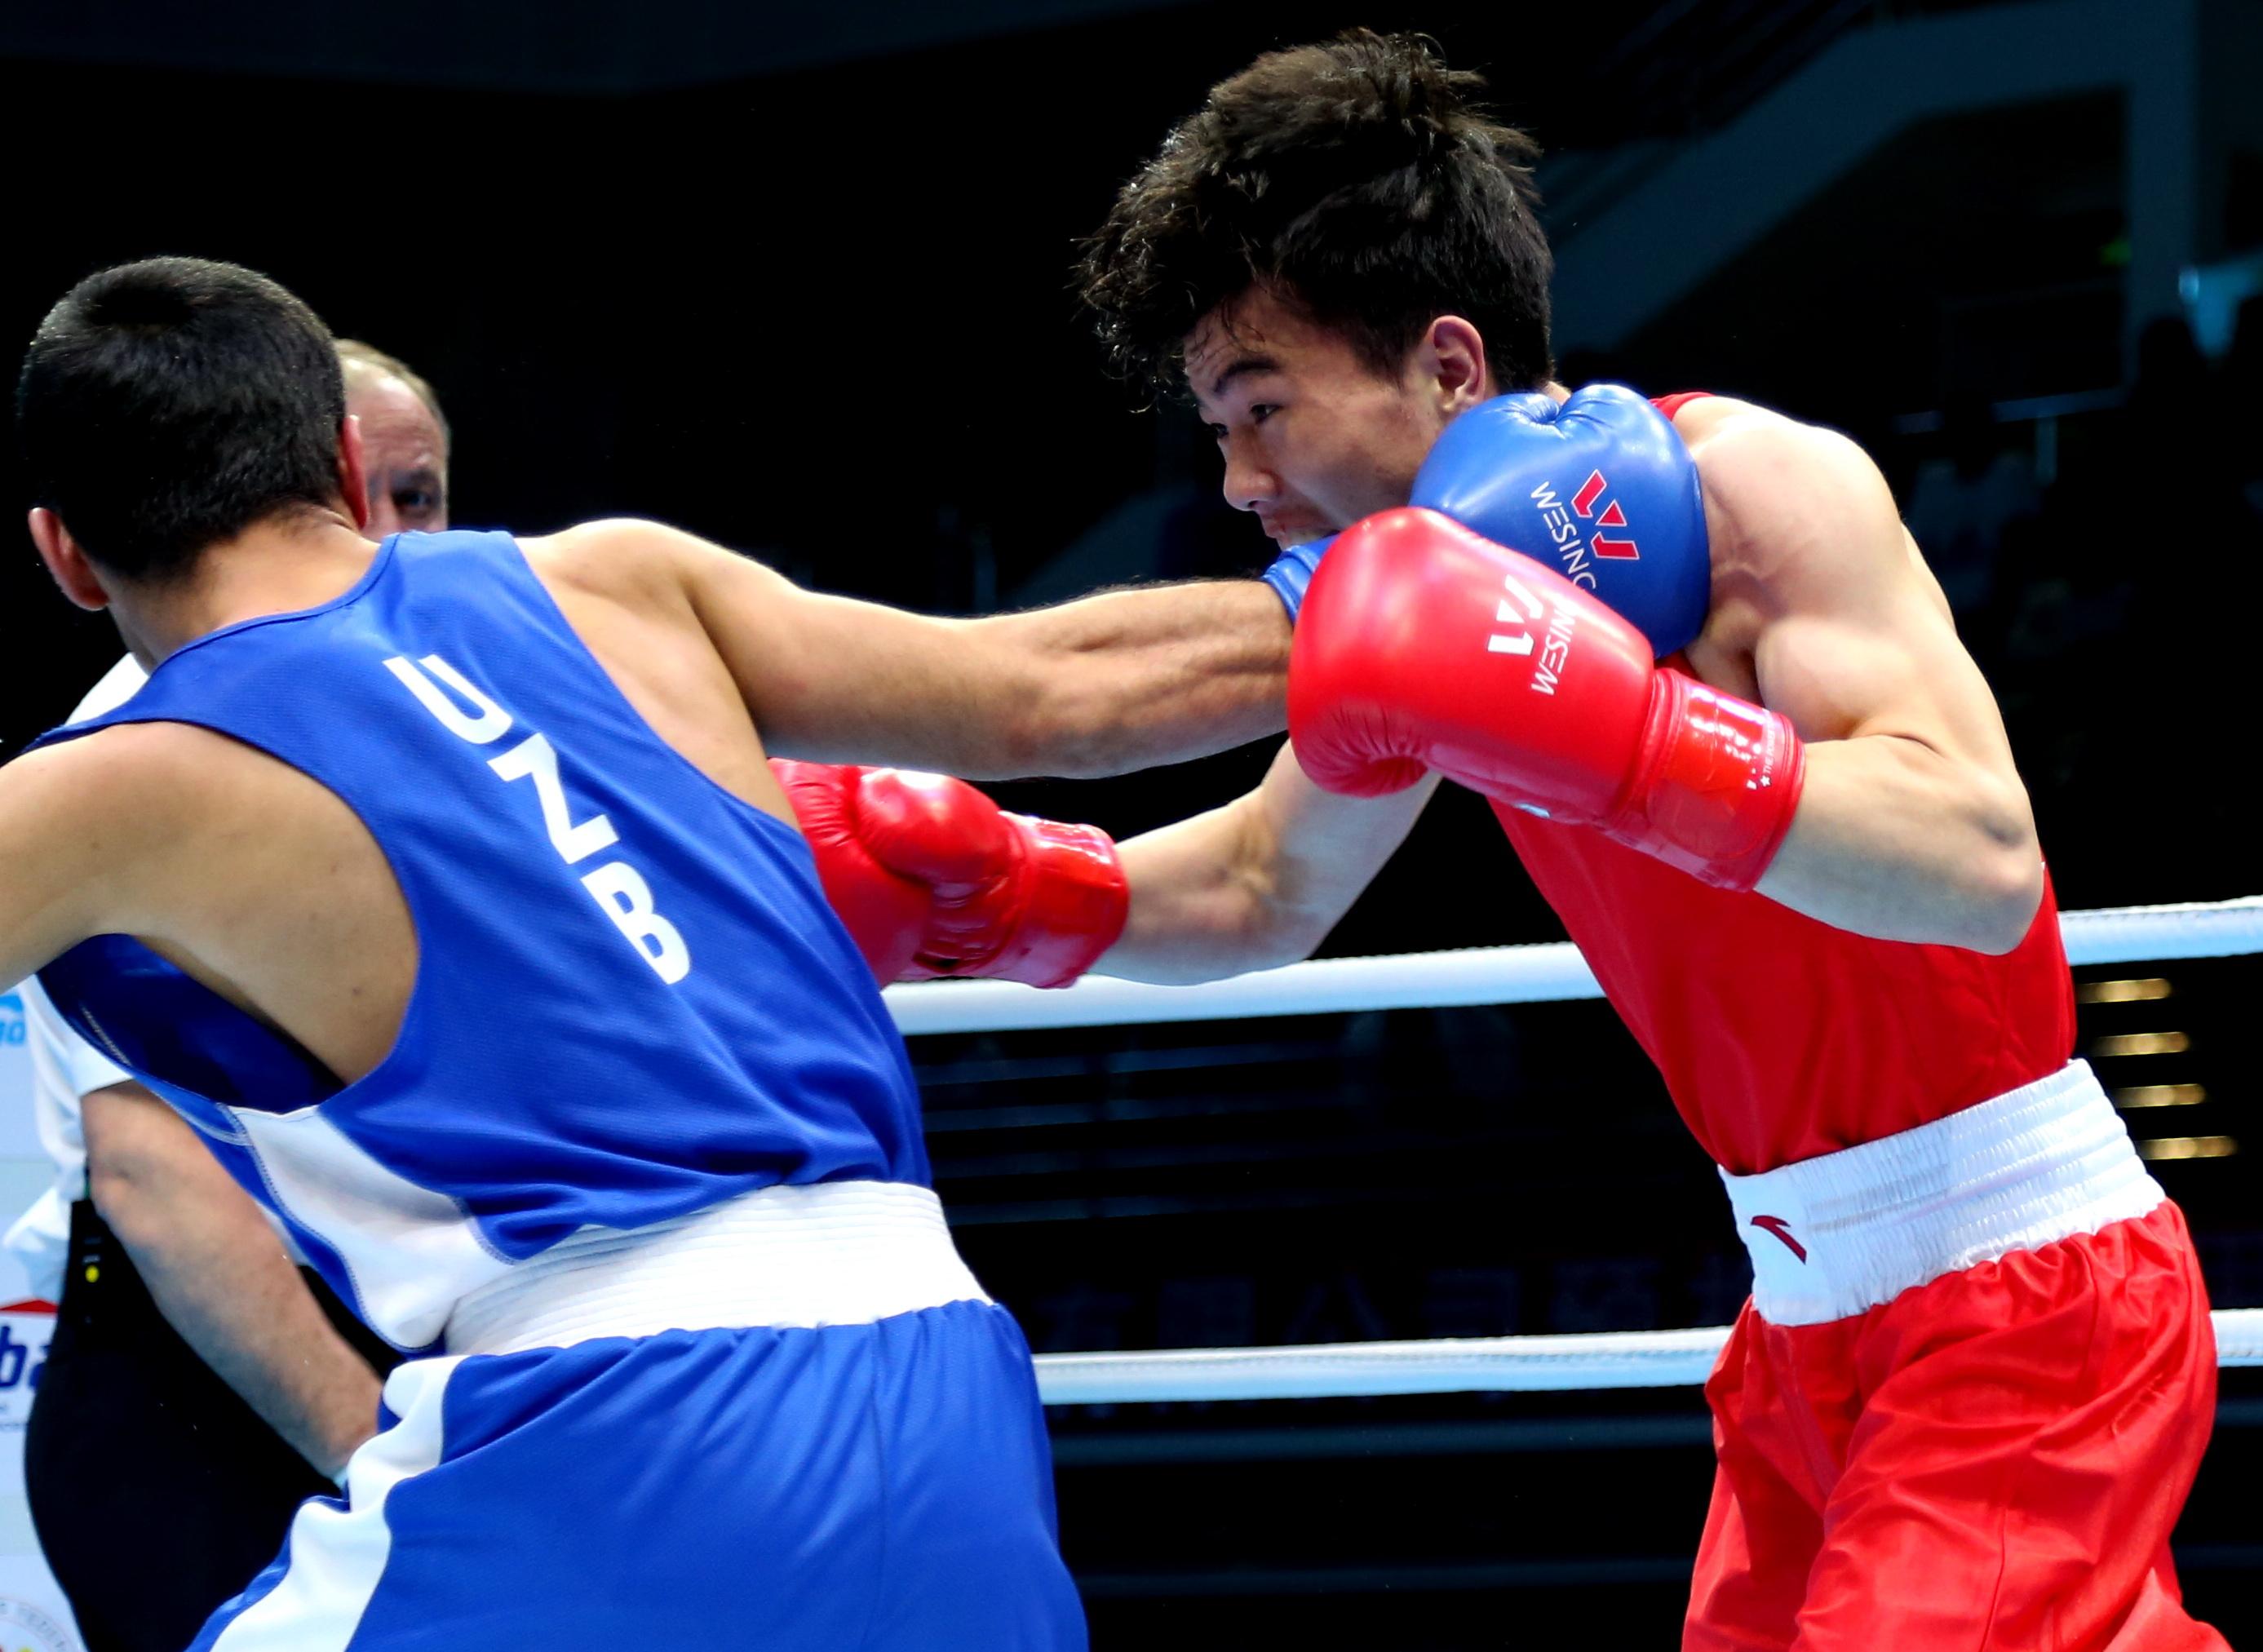 中国选手胡建关(右)与乌兹别克斯坦选手佐里洛夫在比赛中。新华社记者杨世尧摄